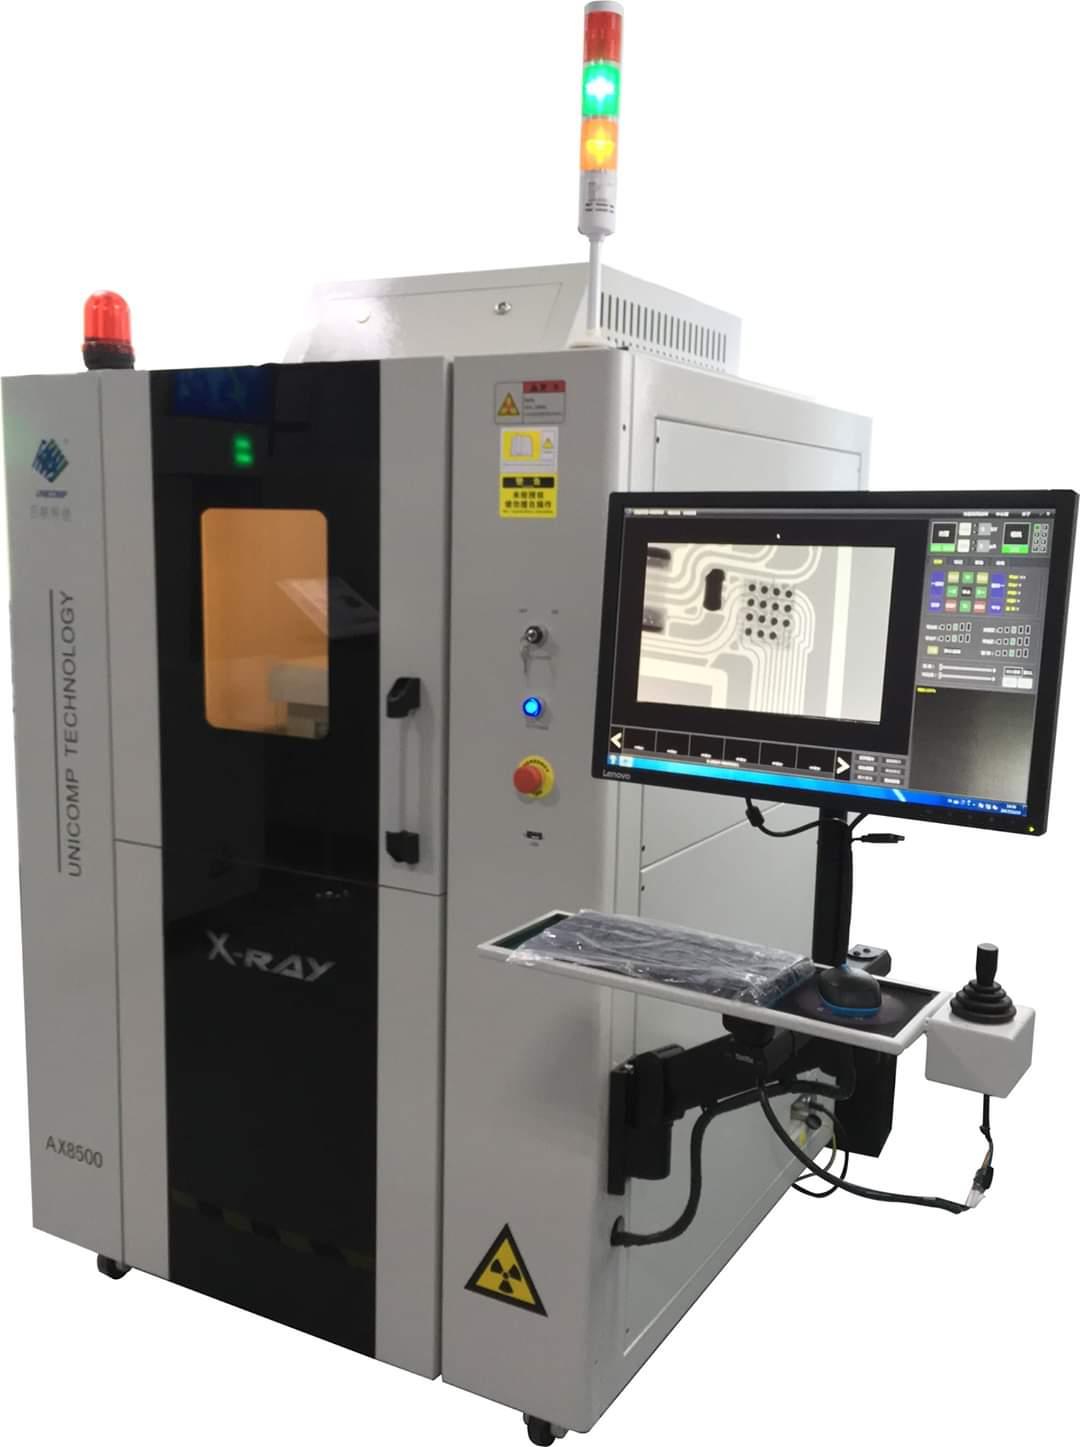 Máy x ray công nghiệp Unicomp- kiểm tra PCB, pin lithium in line